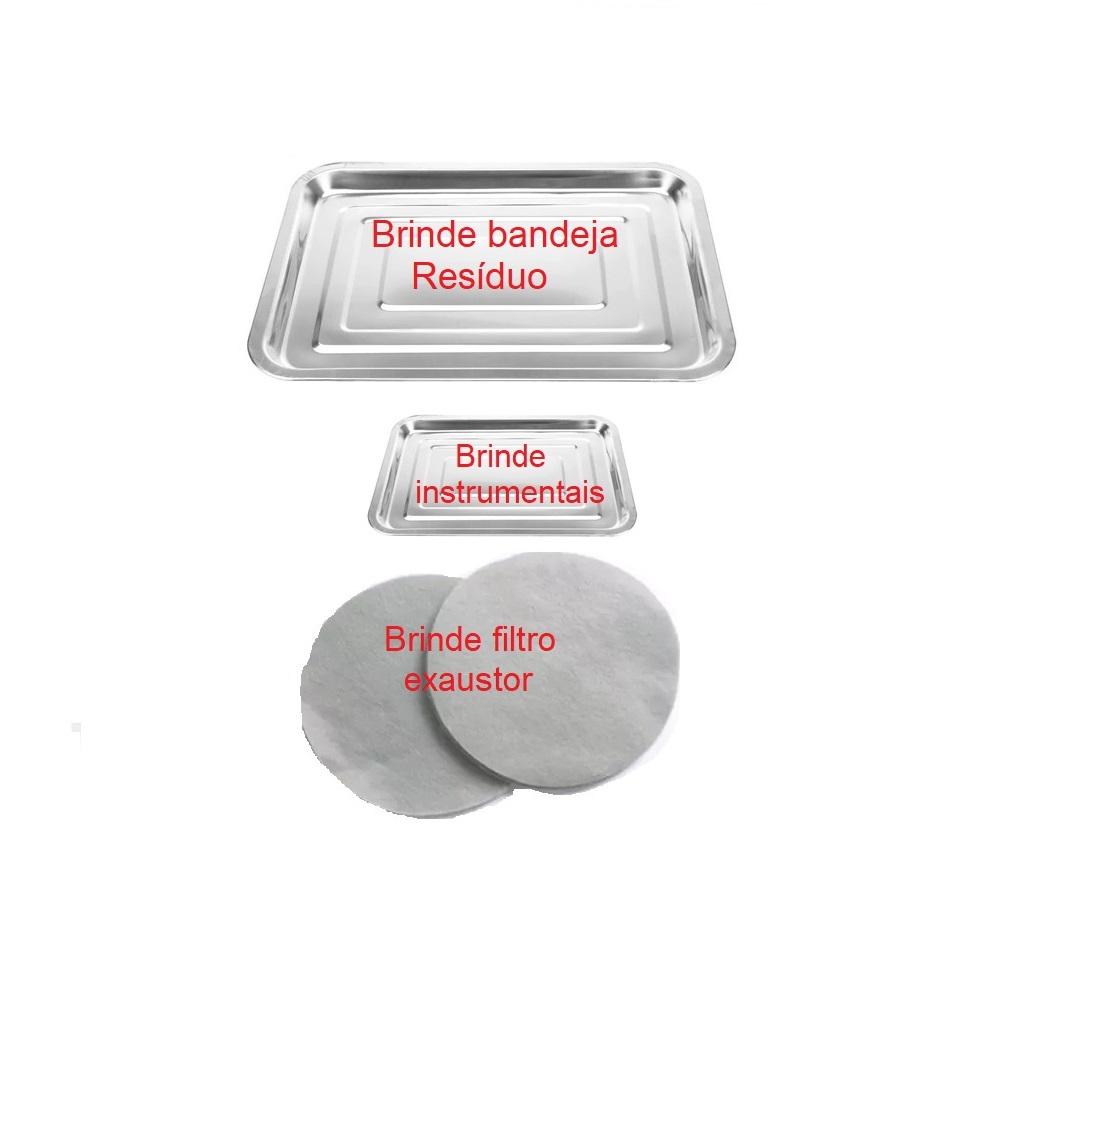 Kit Bege Para Podologia Cadeira Luminária Com Exaustor Carrinho Mocho Brindes